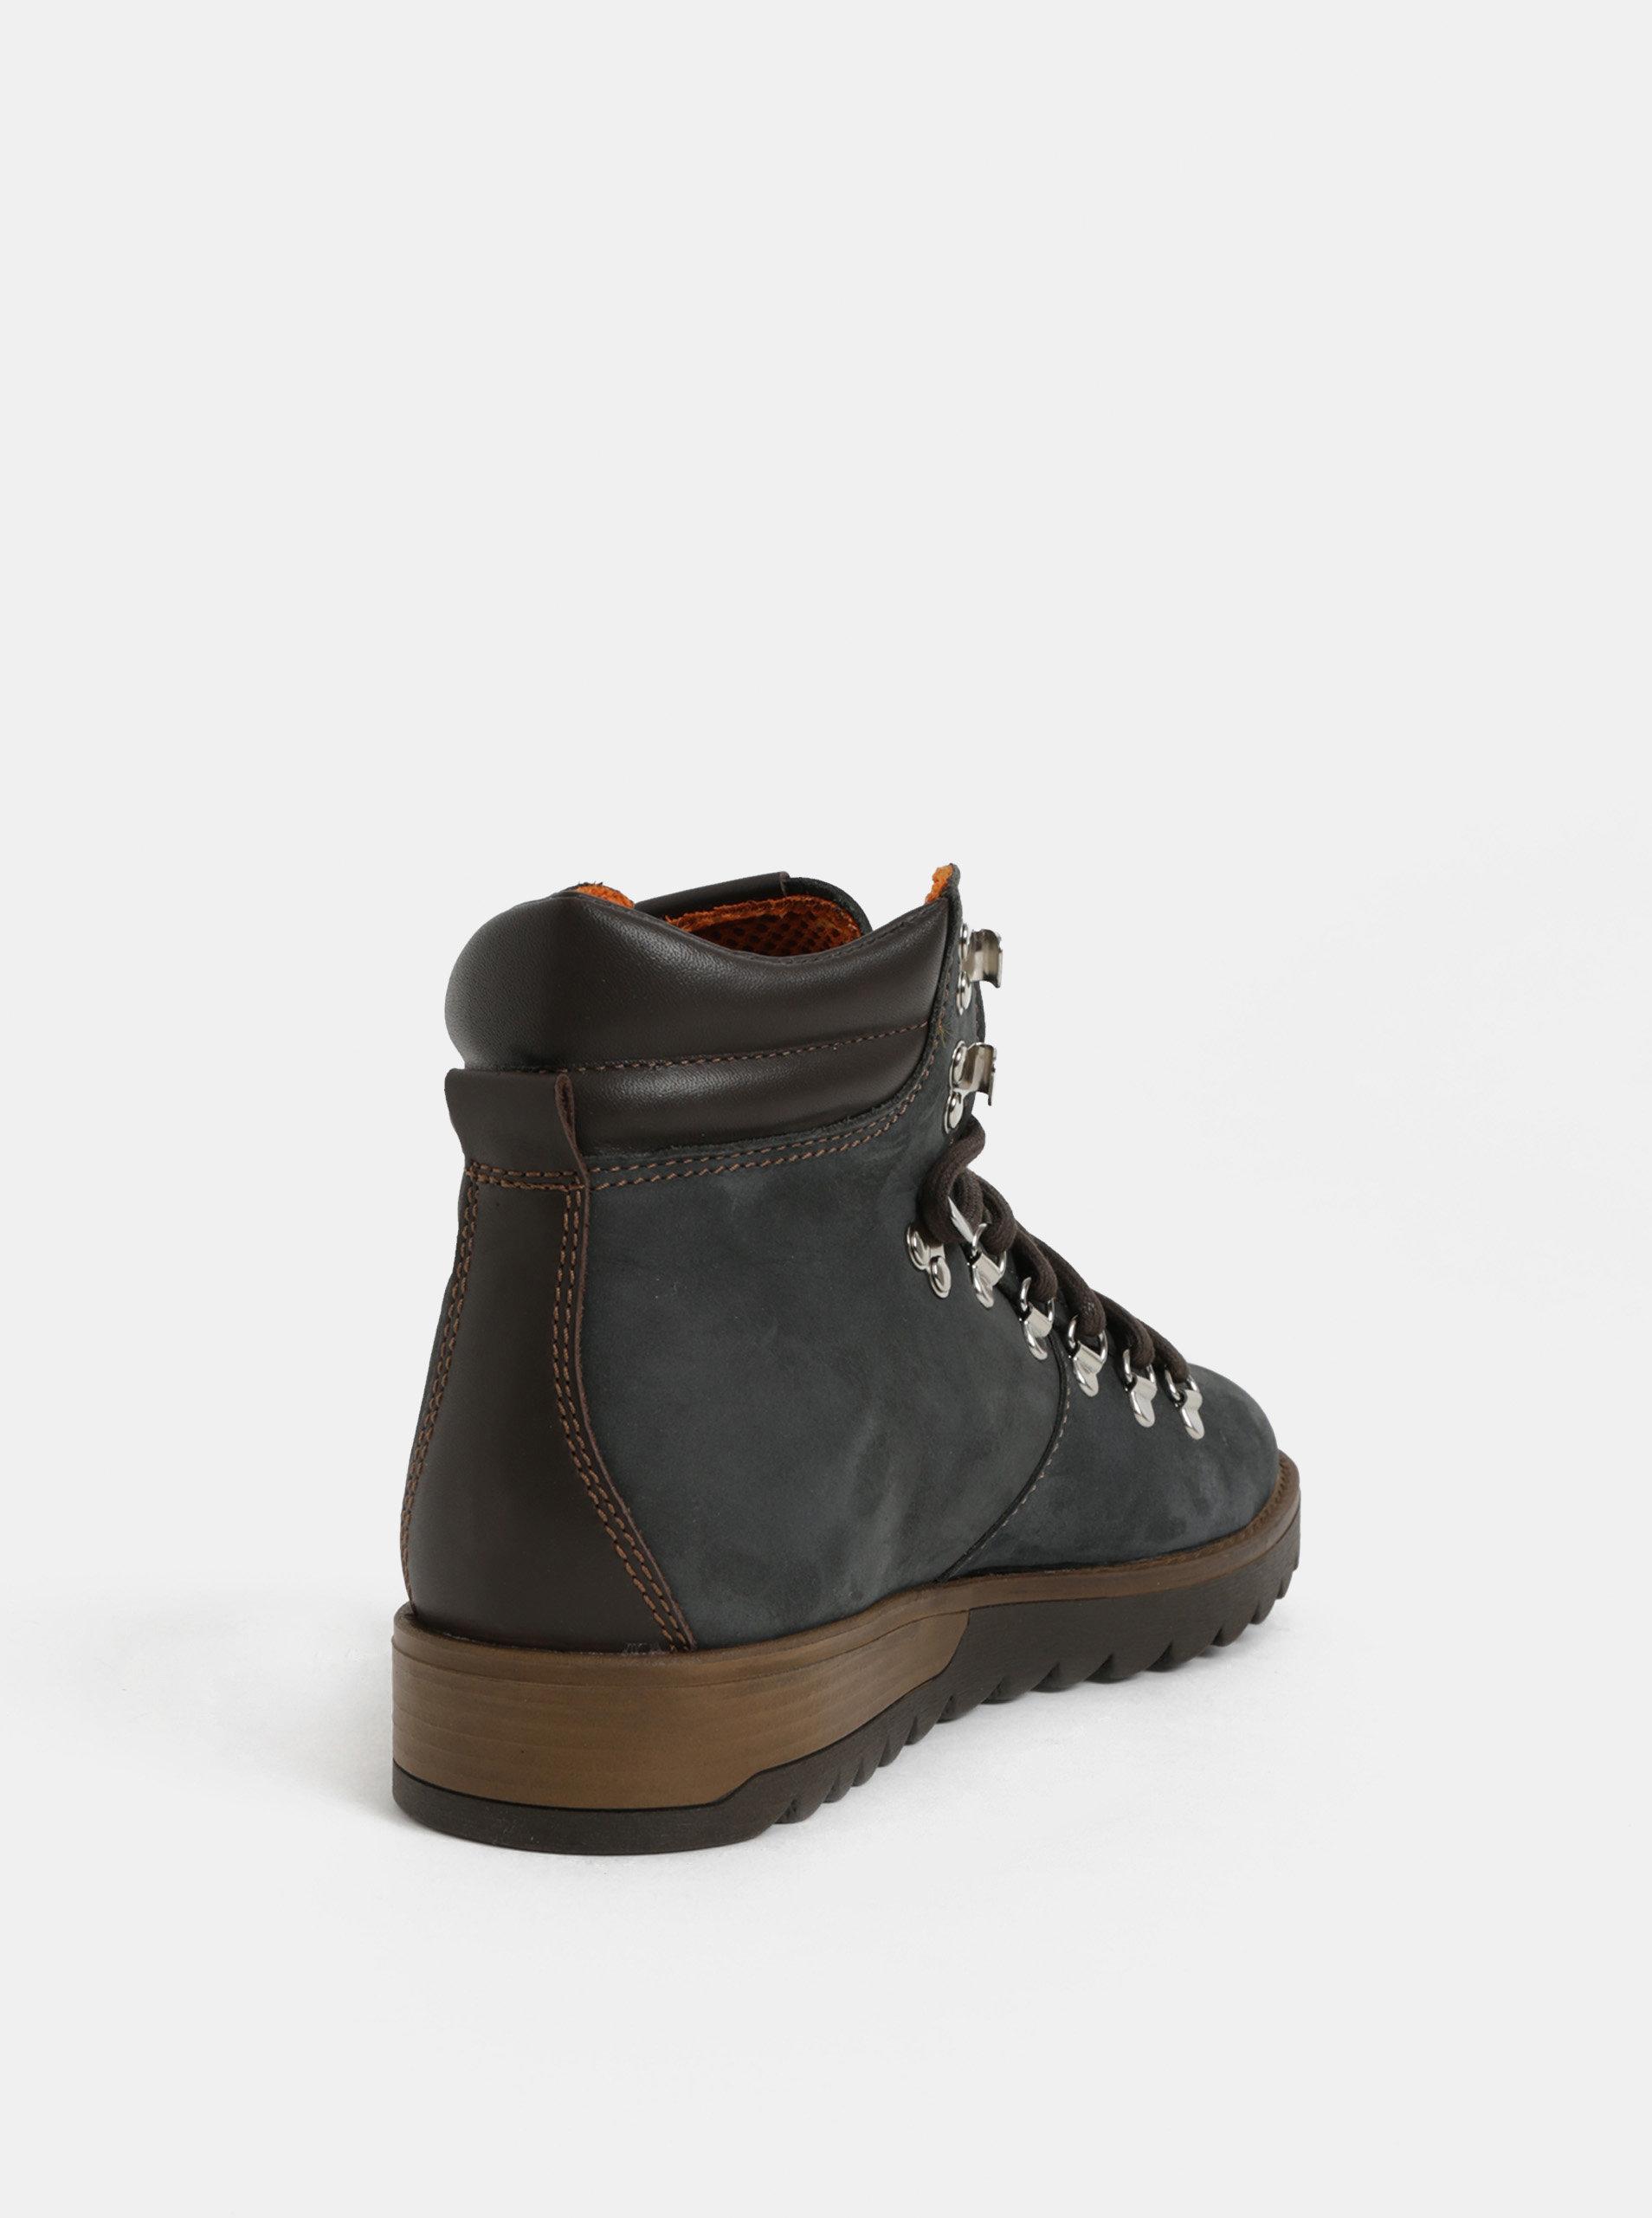 670facc822 Tmavě modré pánské kožené kotníkové boty Weinbrenner ...